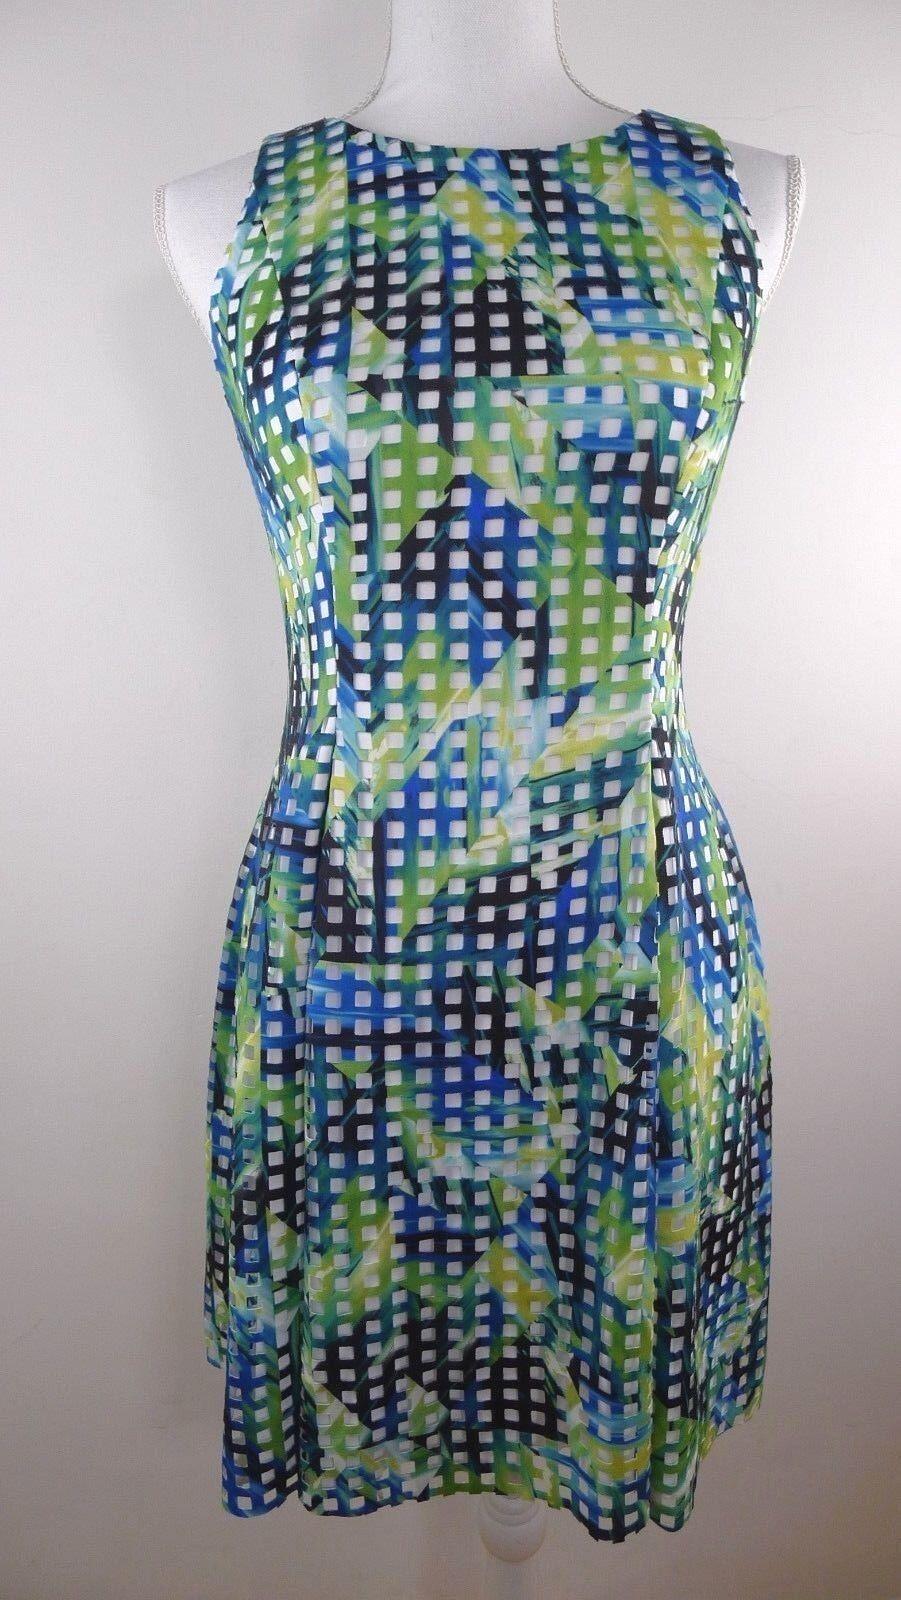 Adrianna Papell Woherren Multi-Farbe Dress, Größe 4